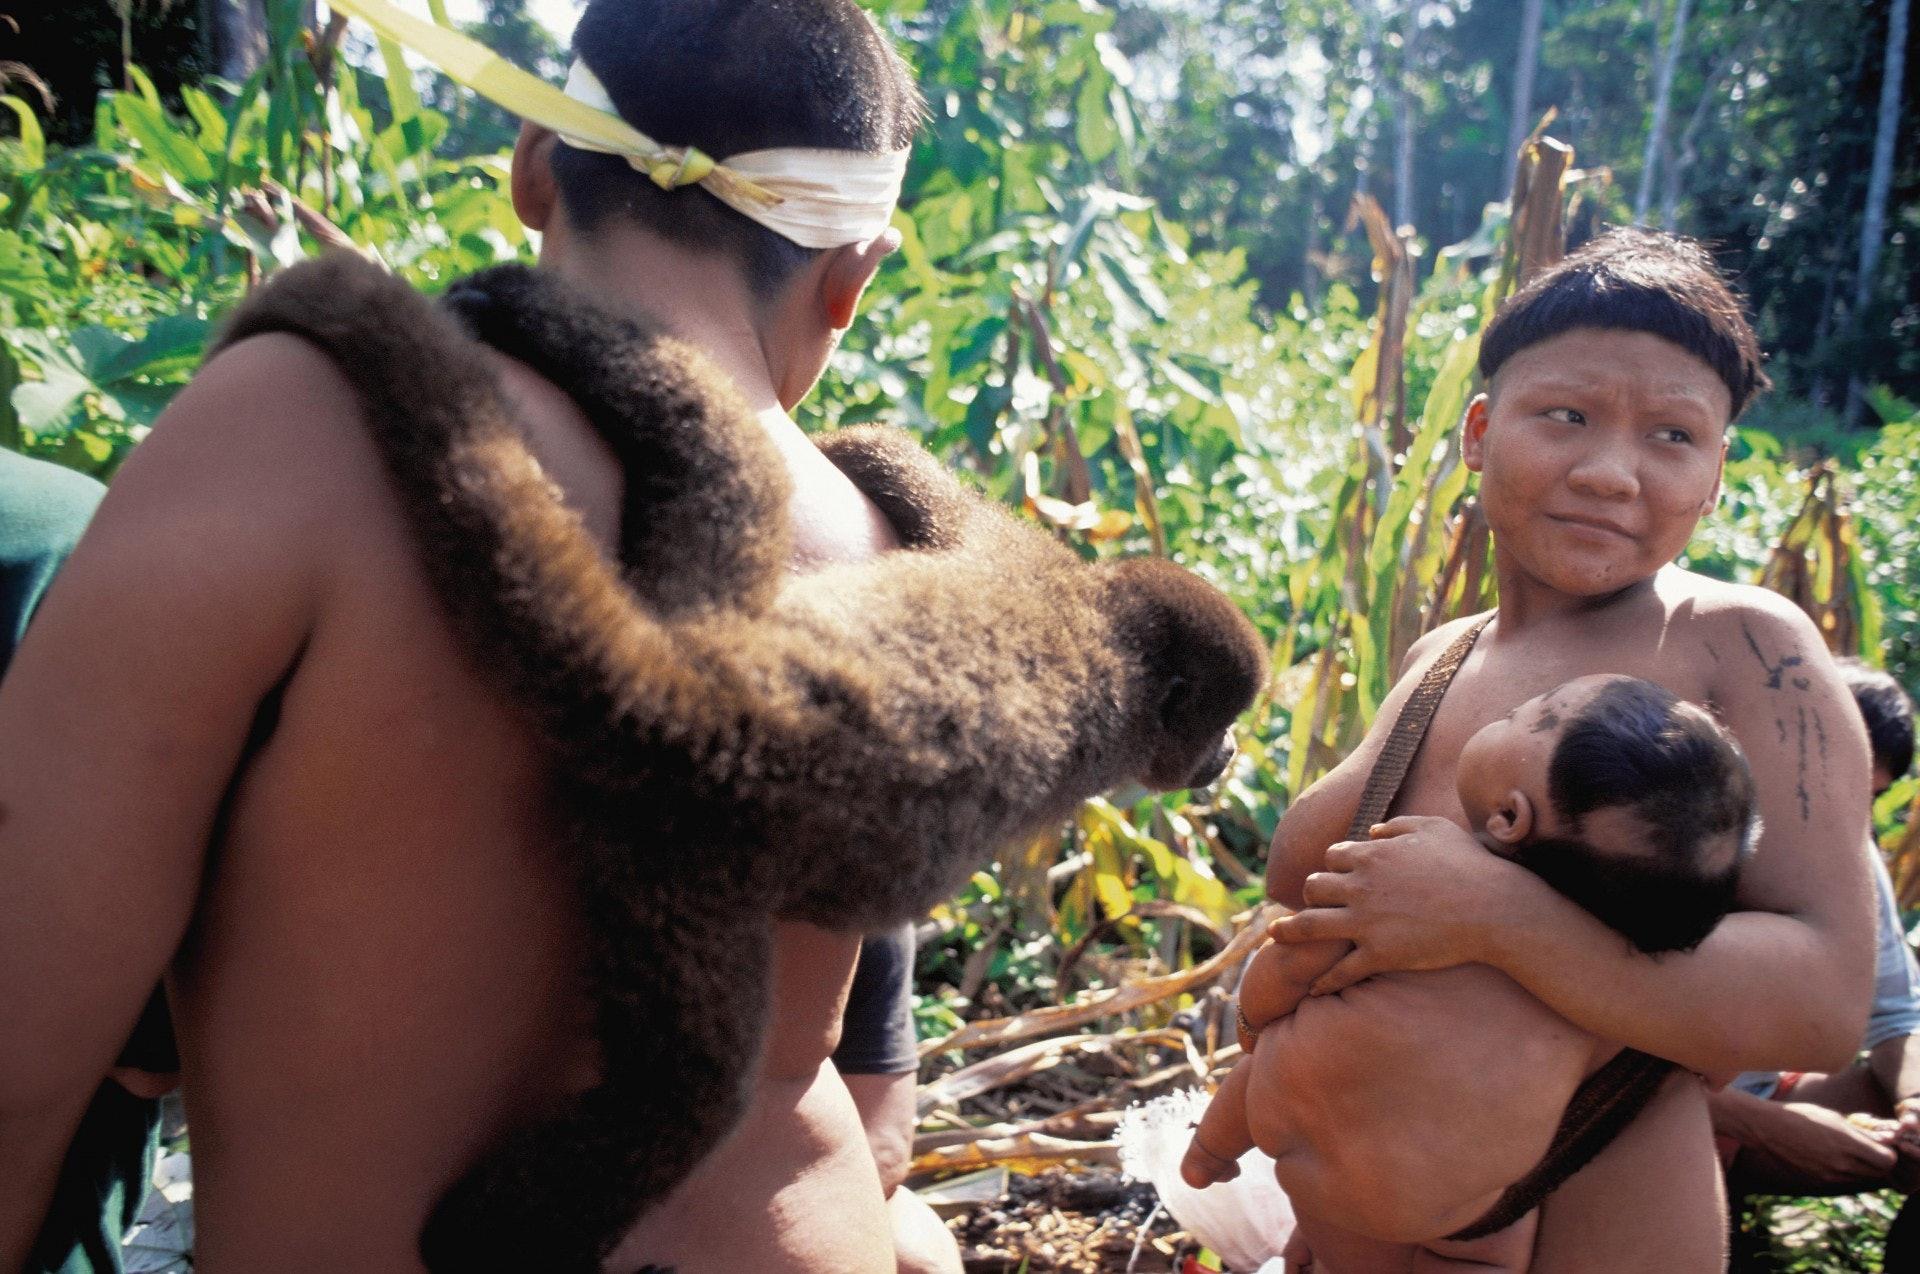 主動接觸土著會否為他們帶來滅族性的危機呢?現代文明的成果應否進入叢林,改善土著部落的生活?(Getty Images)